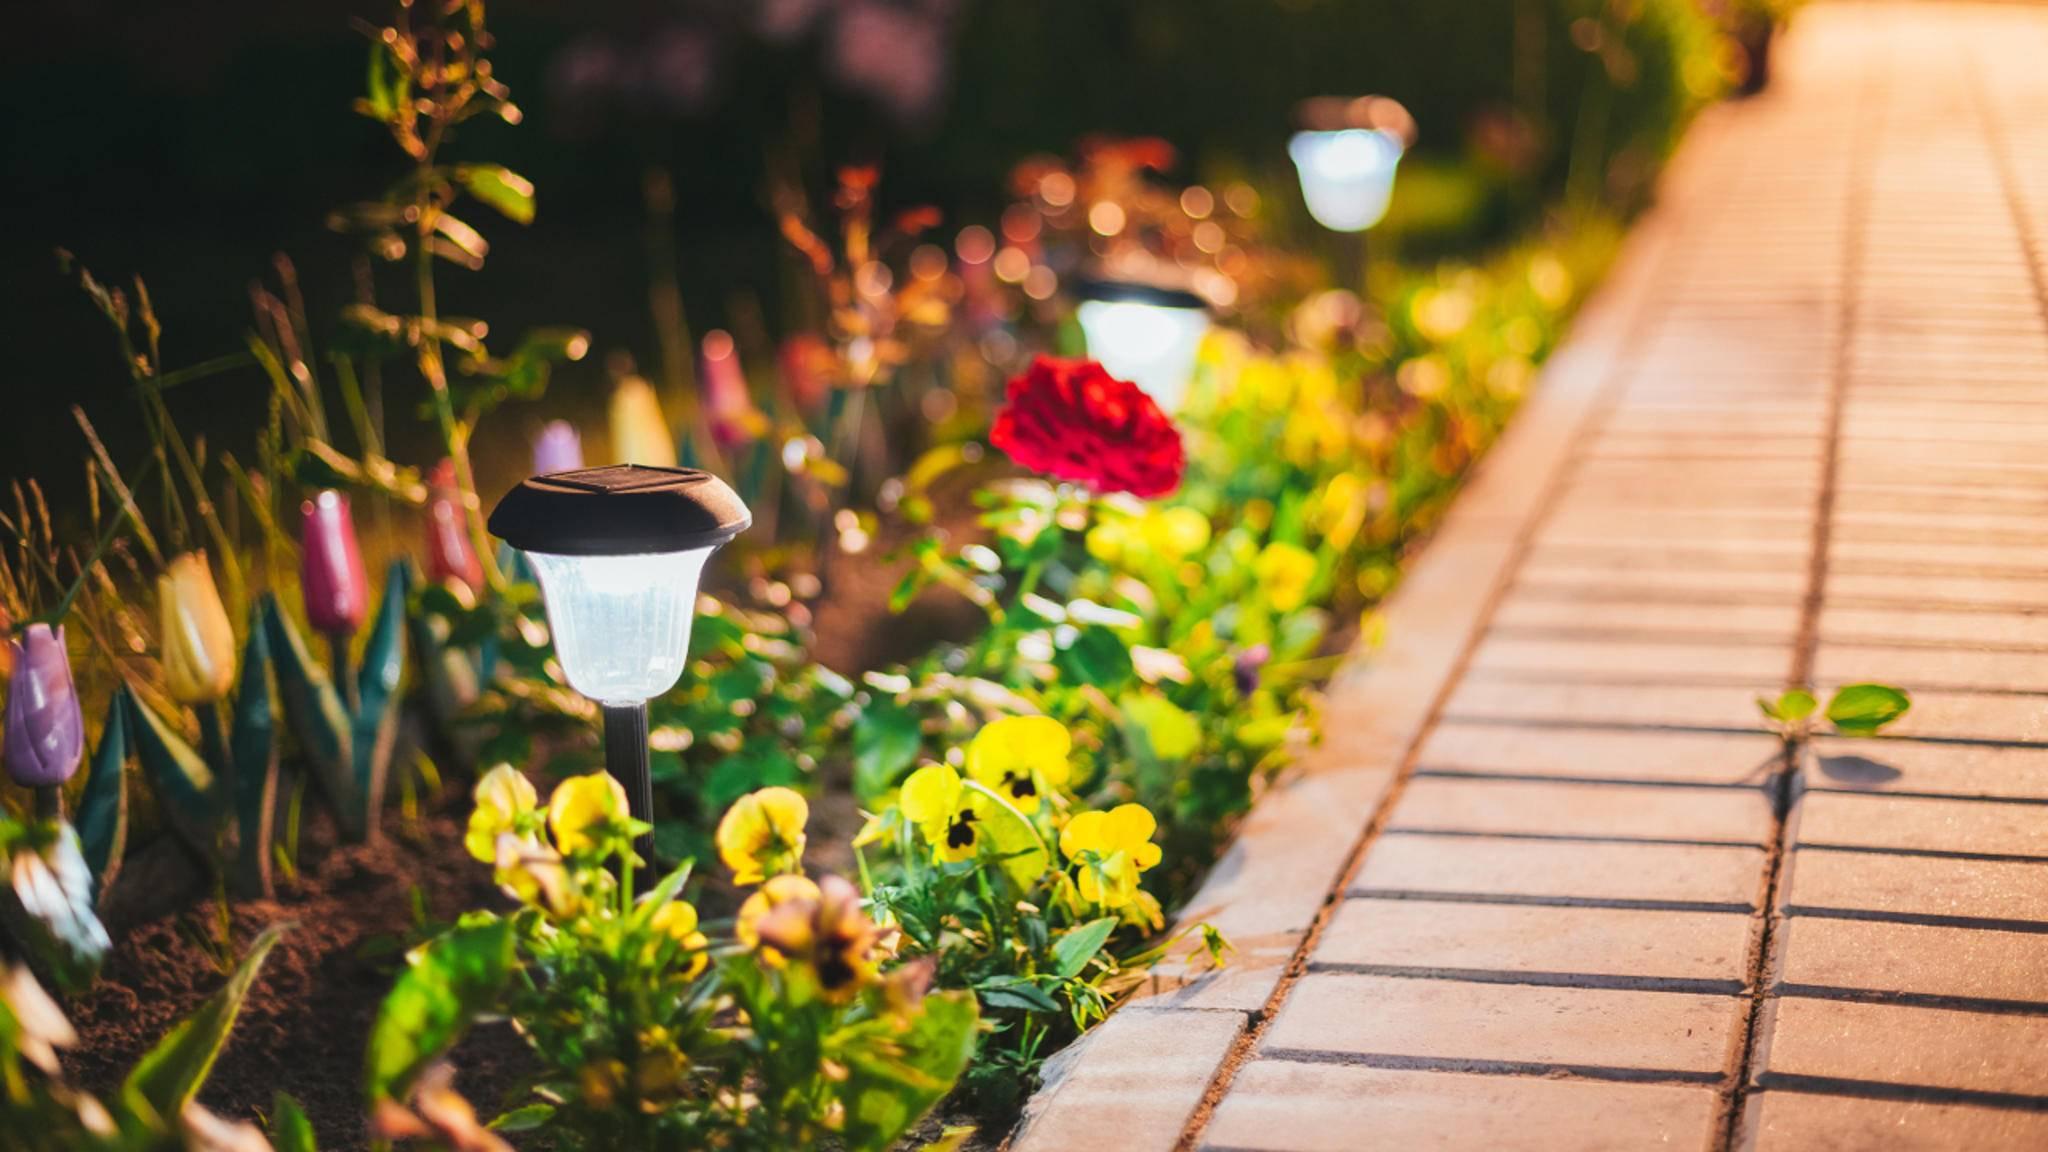 Gartenbau software kostenlos  Gartenplaner-Apps: Kostenlose Software & Apps für eine grüne Oase